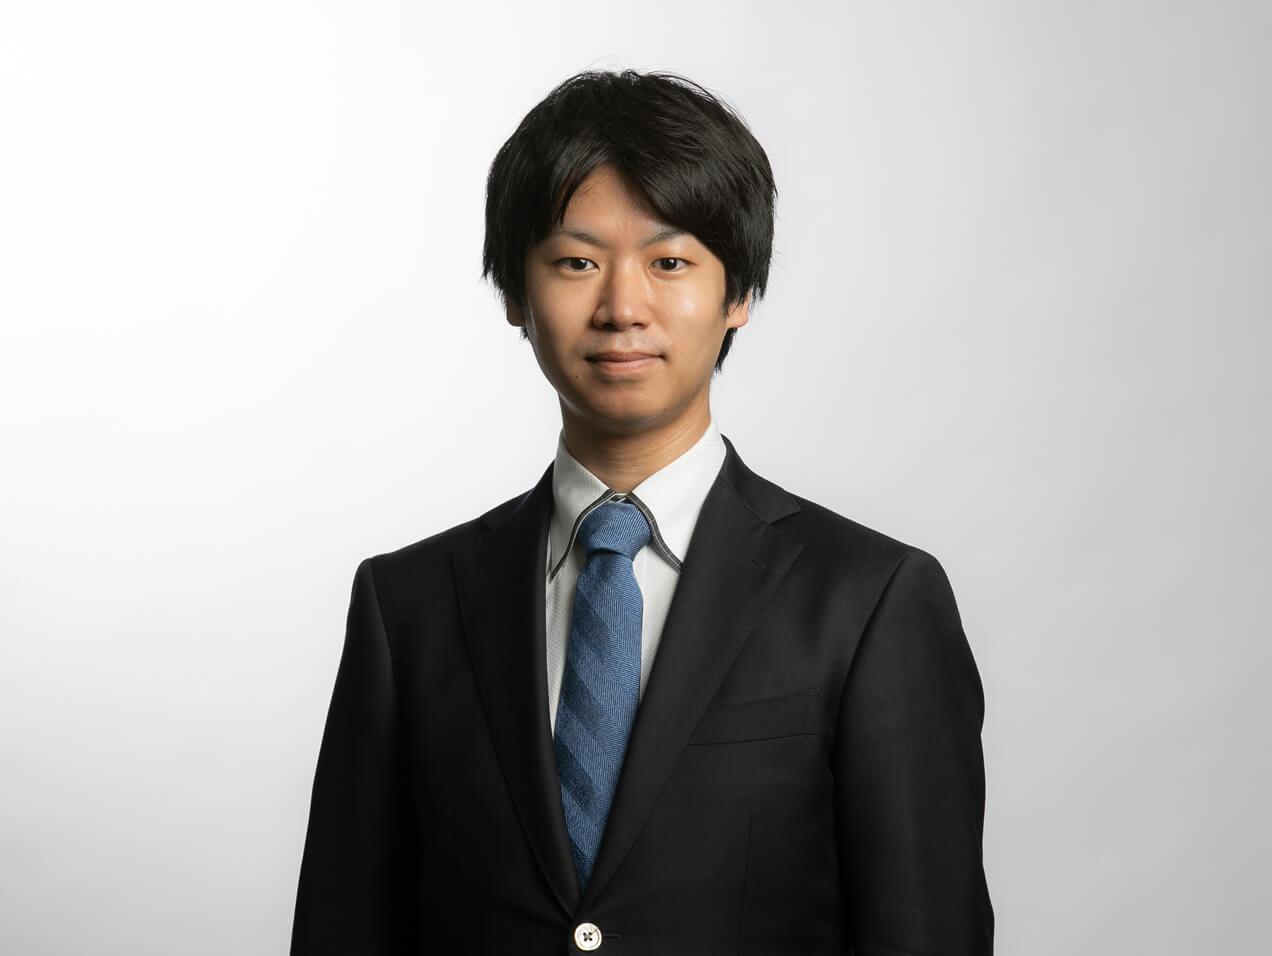 Naoki Fukumoto